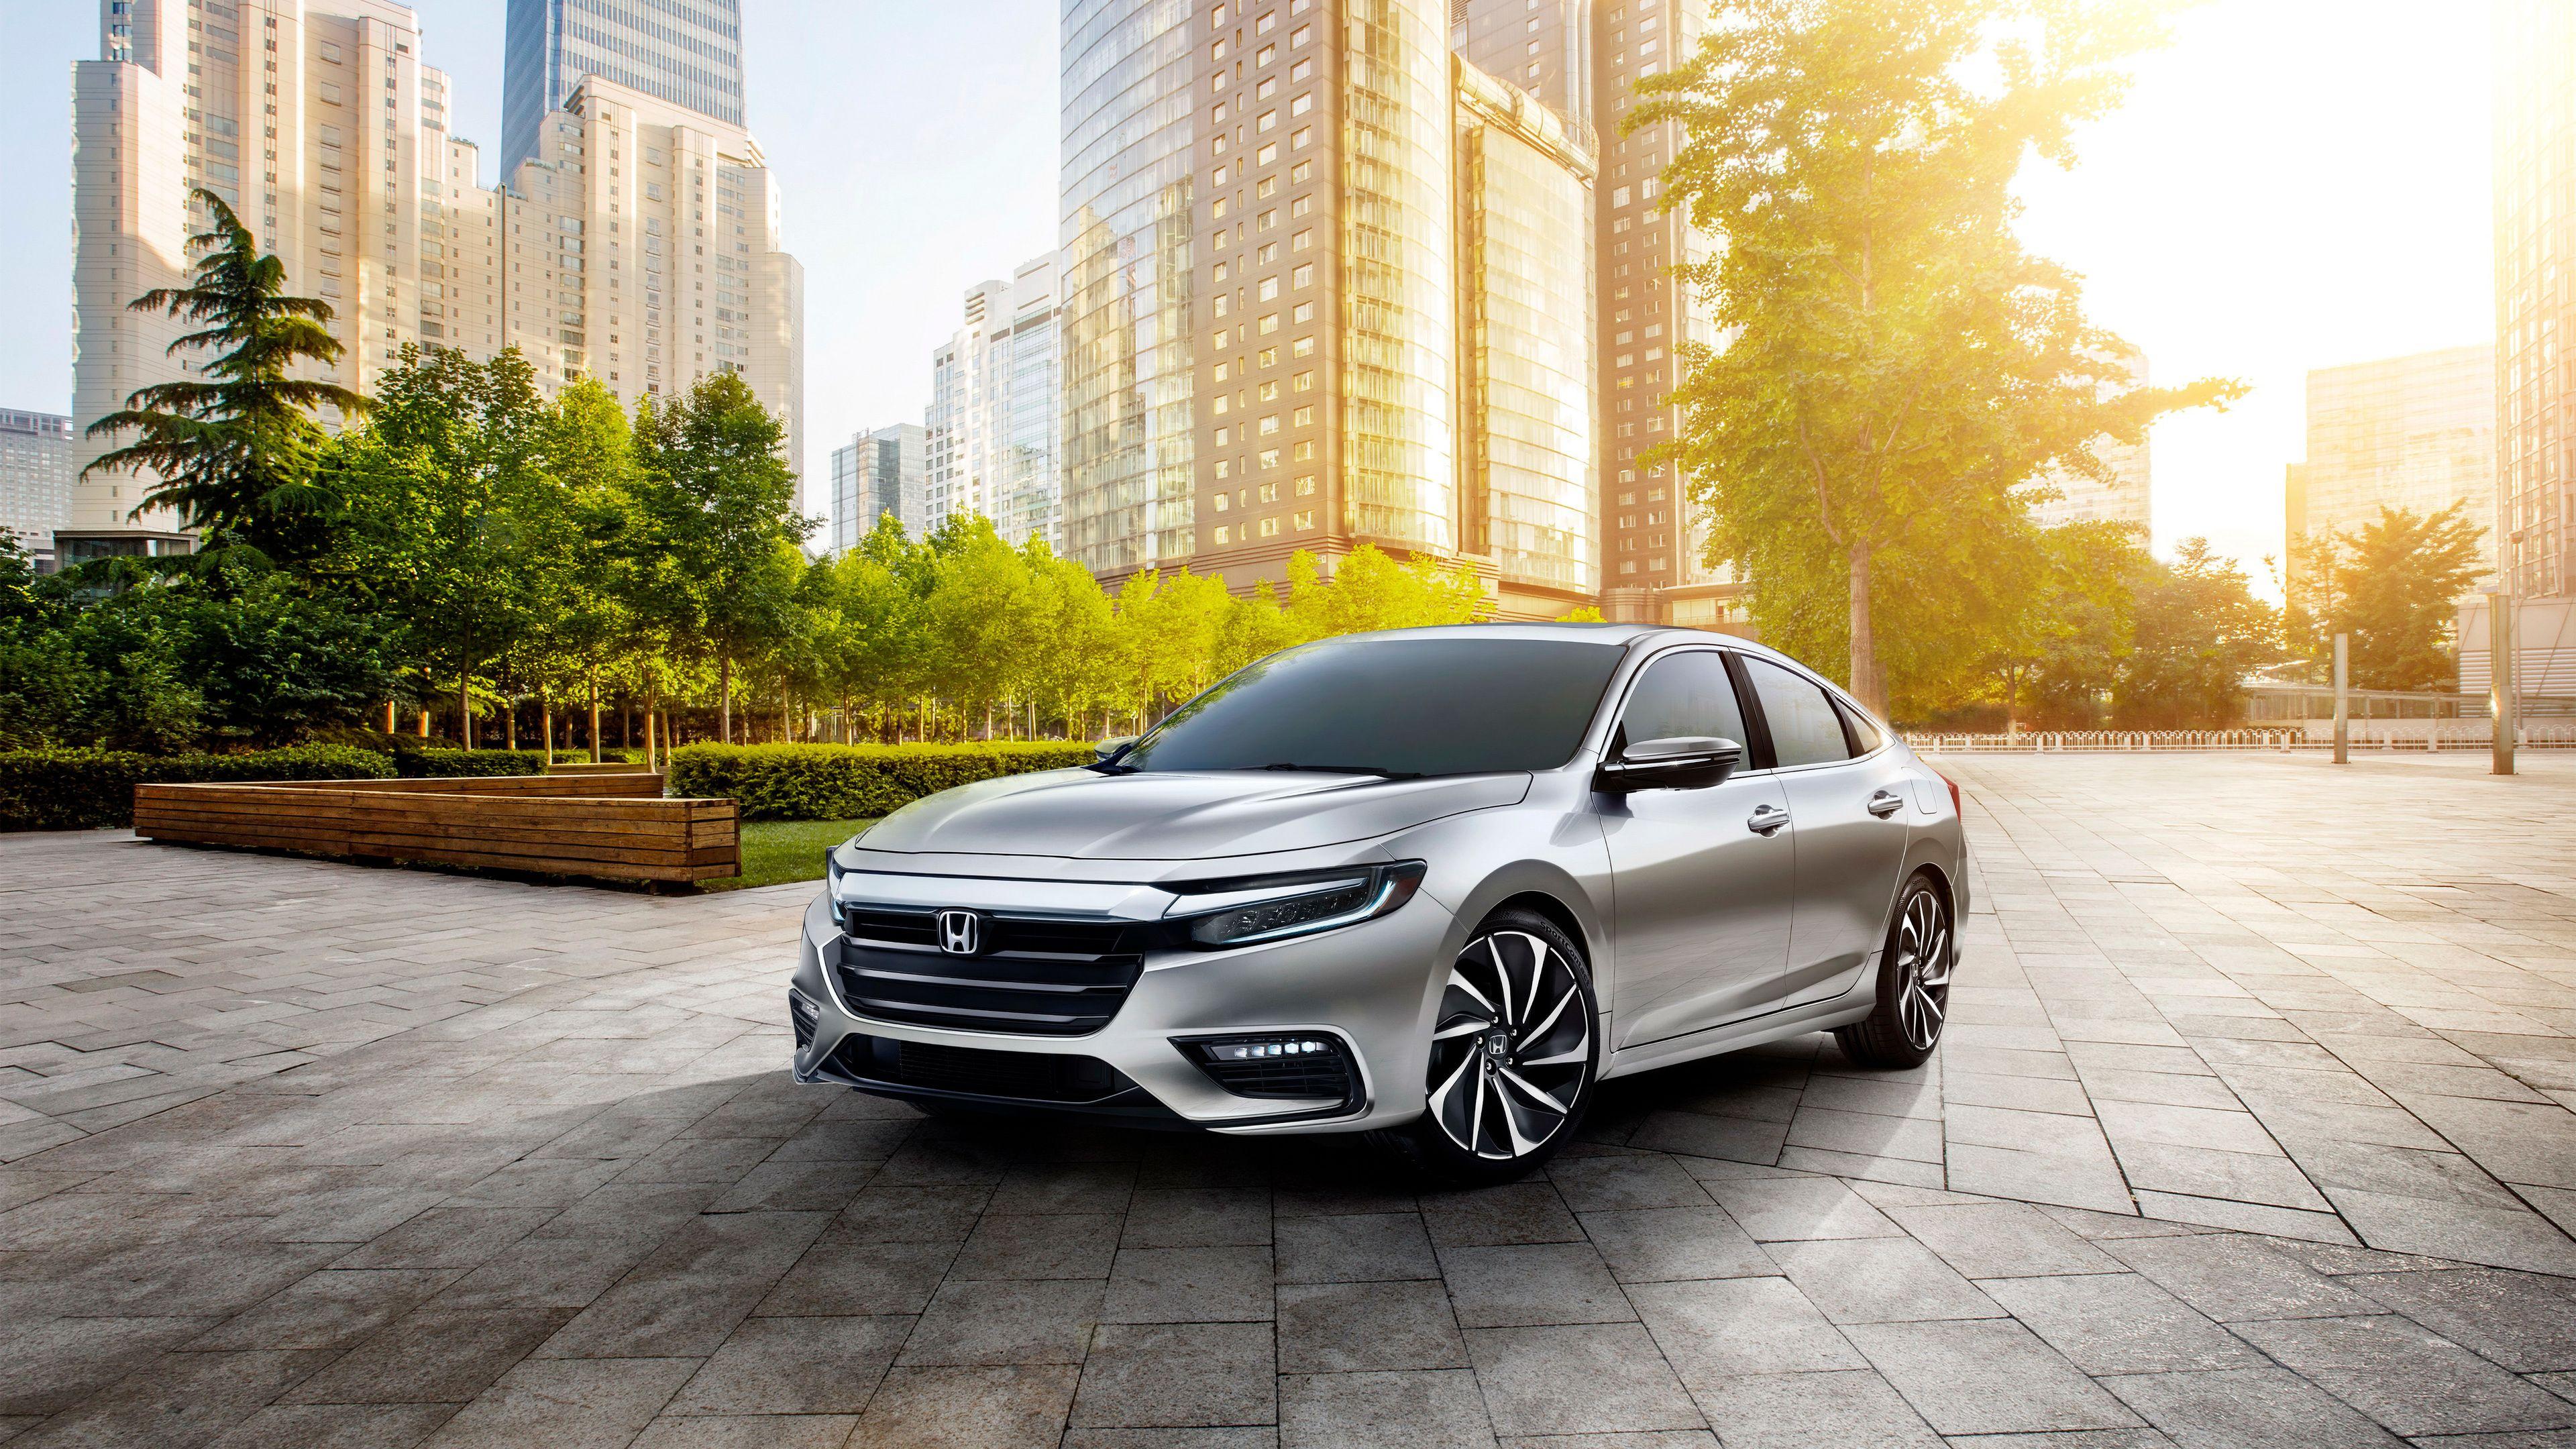 Honda Insight Prototype 2019 Honda Wallpapers Honda Insight